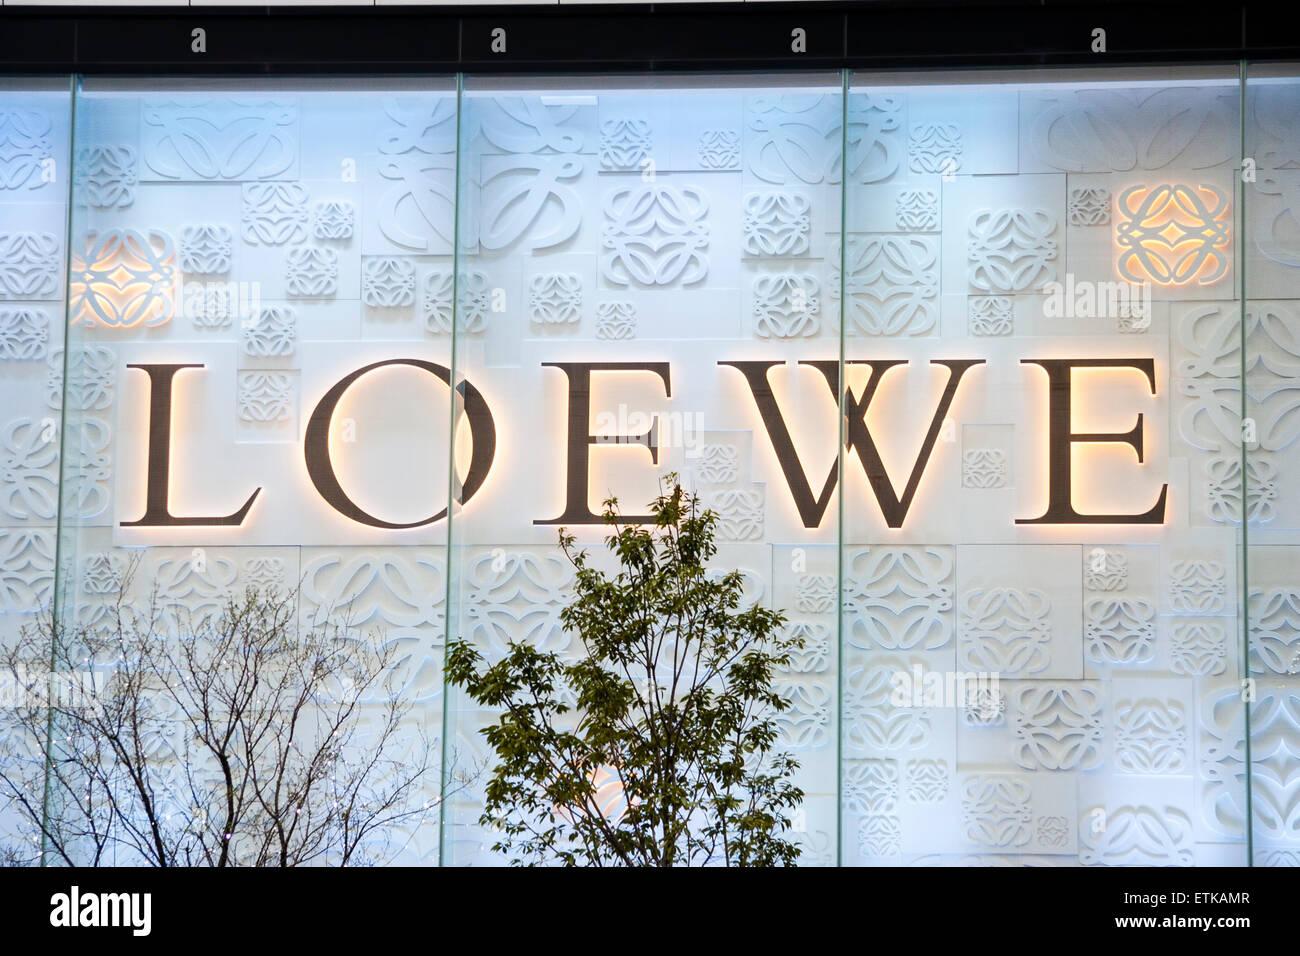 """Giappone, Osaka Umeda. Marca segno del logo sul negozio di fronte """" Loewe', illuminata, di notte Immagini Stock"""